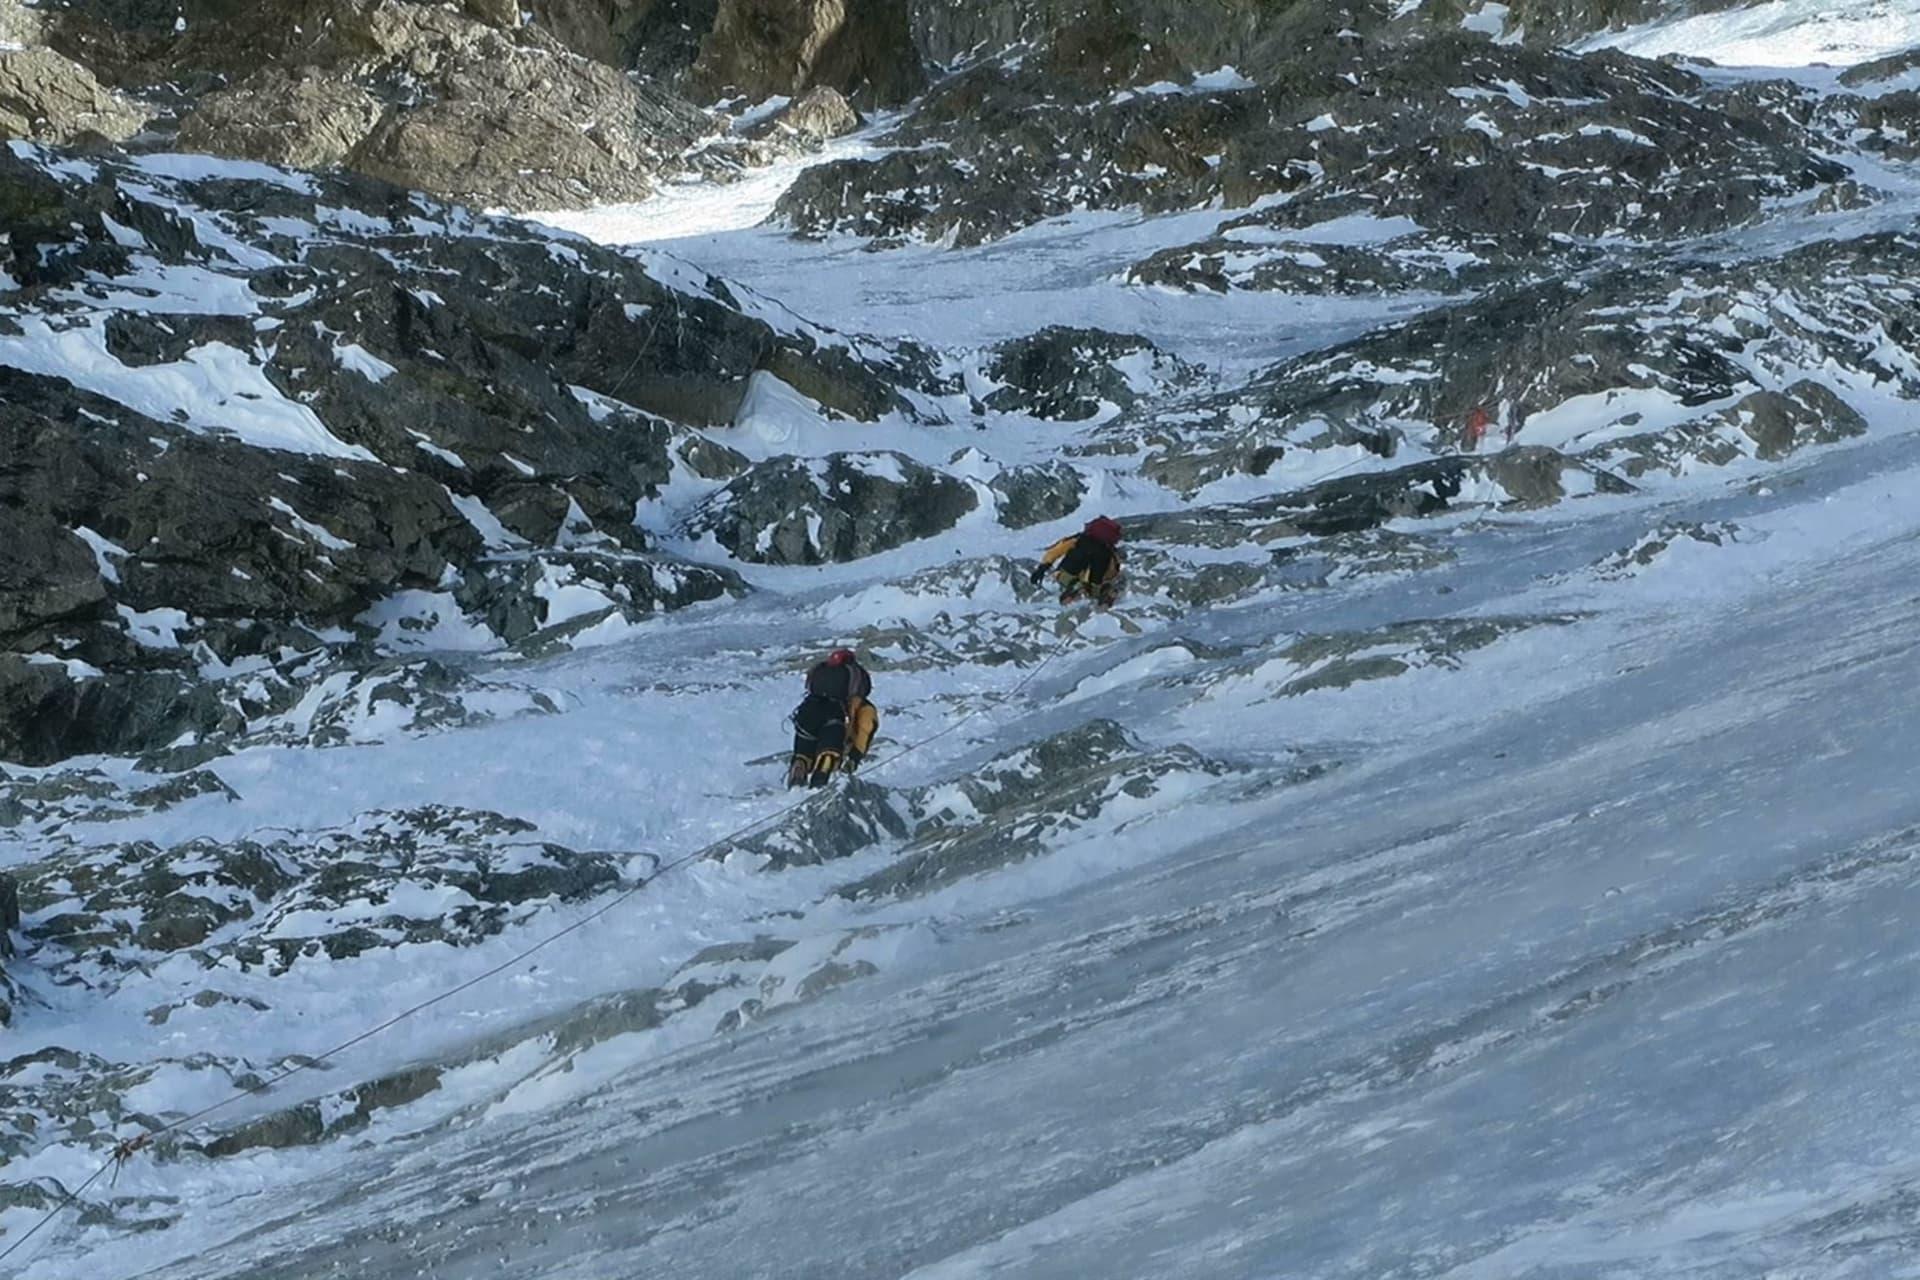 Brant! Till och med överhängande is på sina ställen uppför Annapurna!